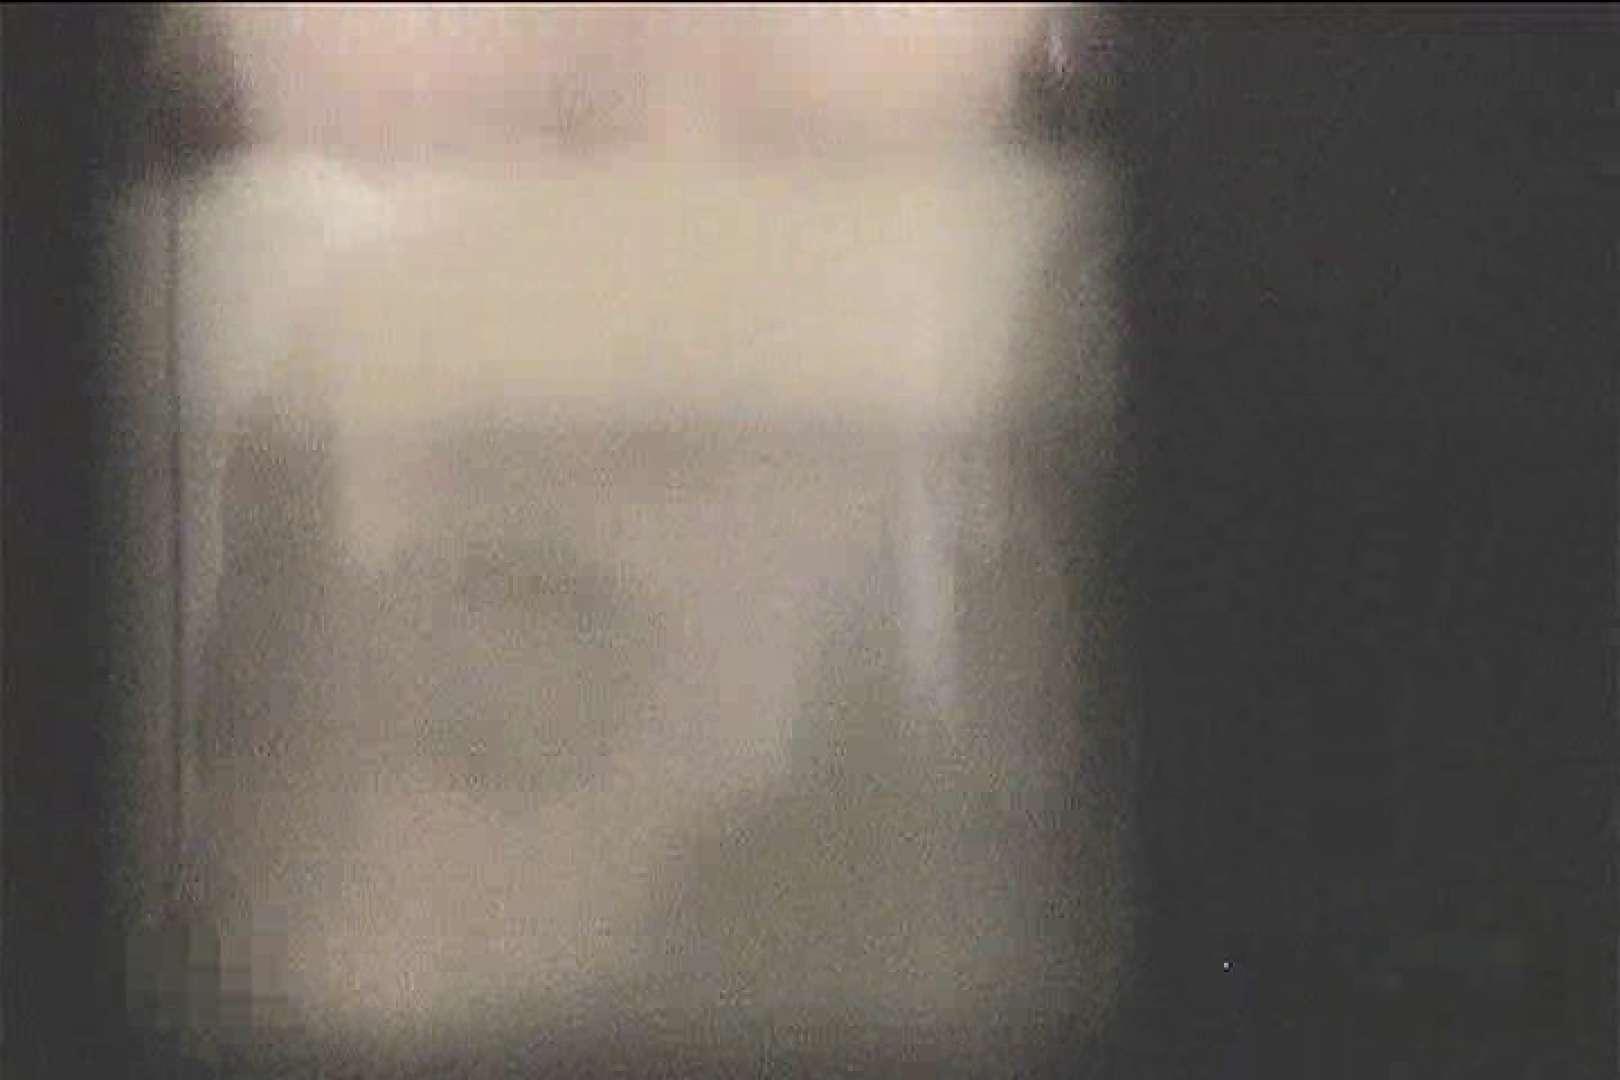 激撮ストーカー記録あなたのお宅拝見しますVol.10 独占盗撮 AV動画キャプチャ 21連発 9